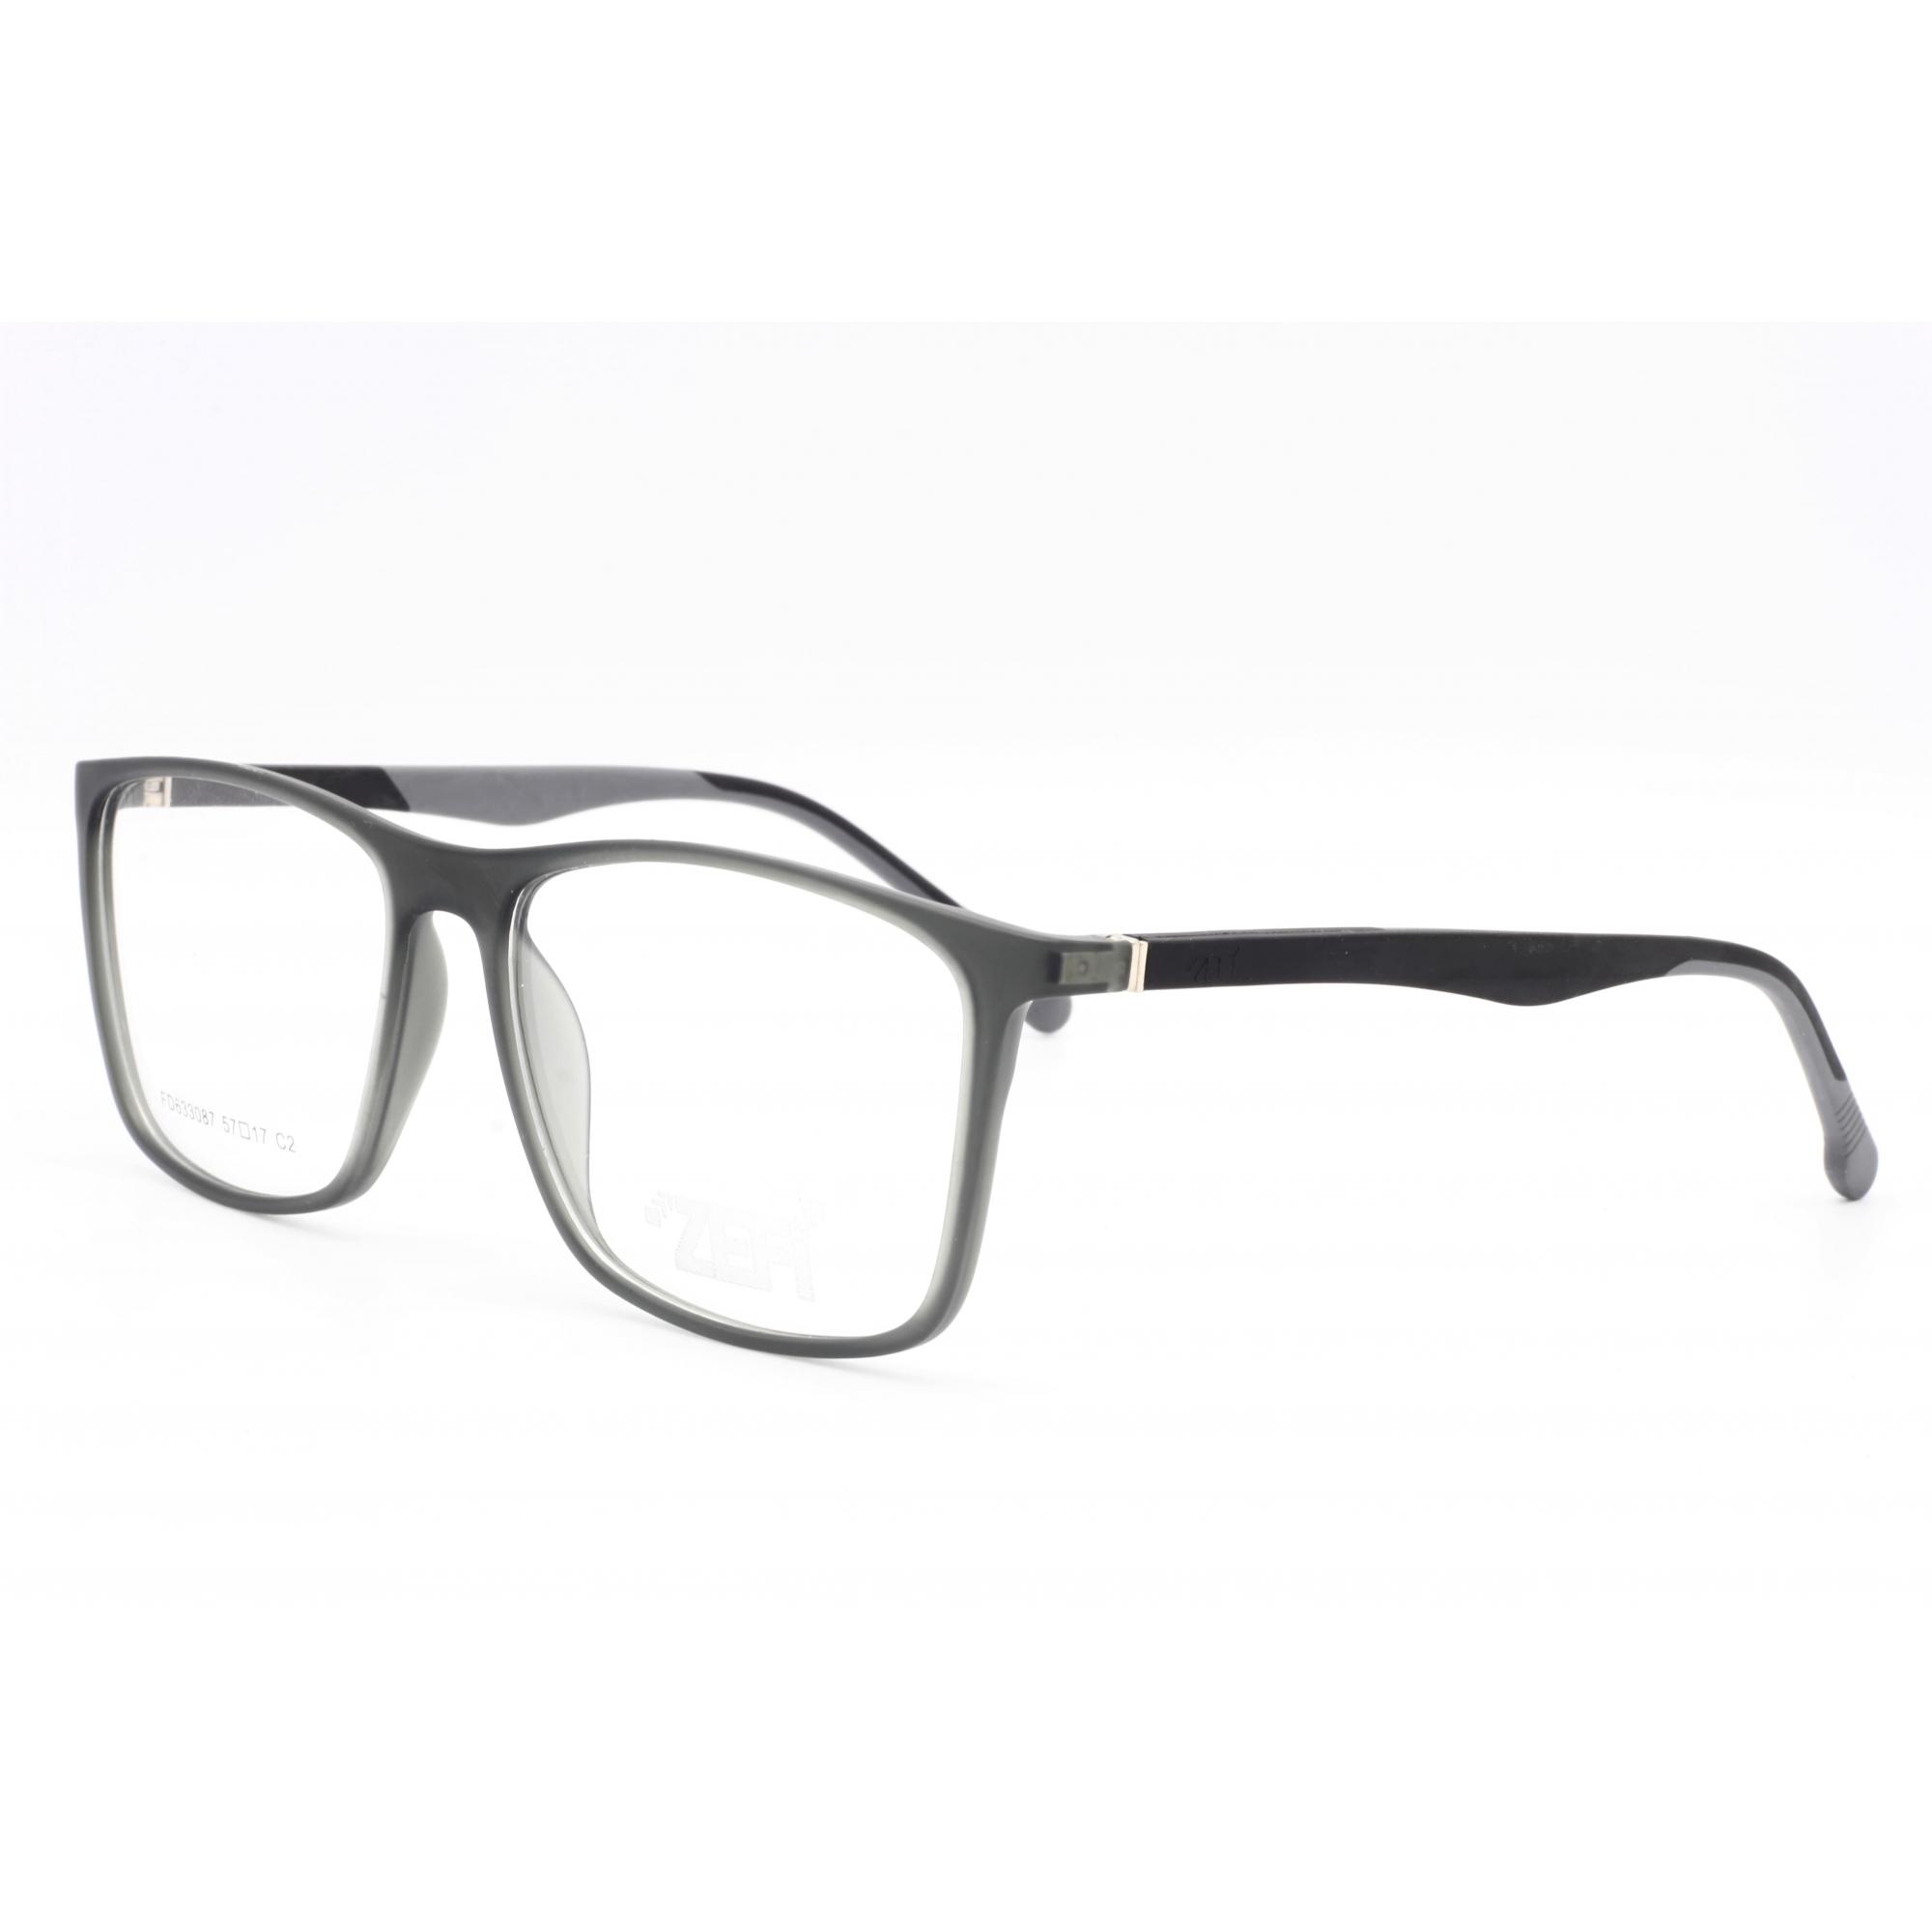 Armação com óculos sem grau, ZEFI Masculina em cor Preto   Ref ZEFI FD633087 C2 57